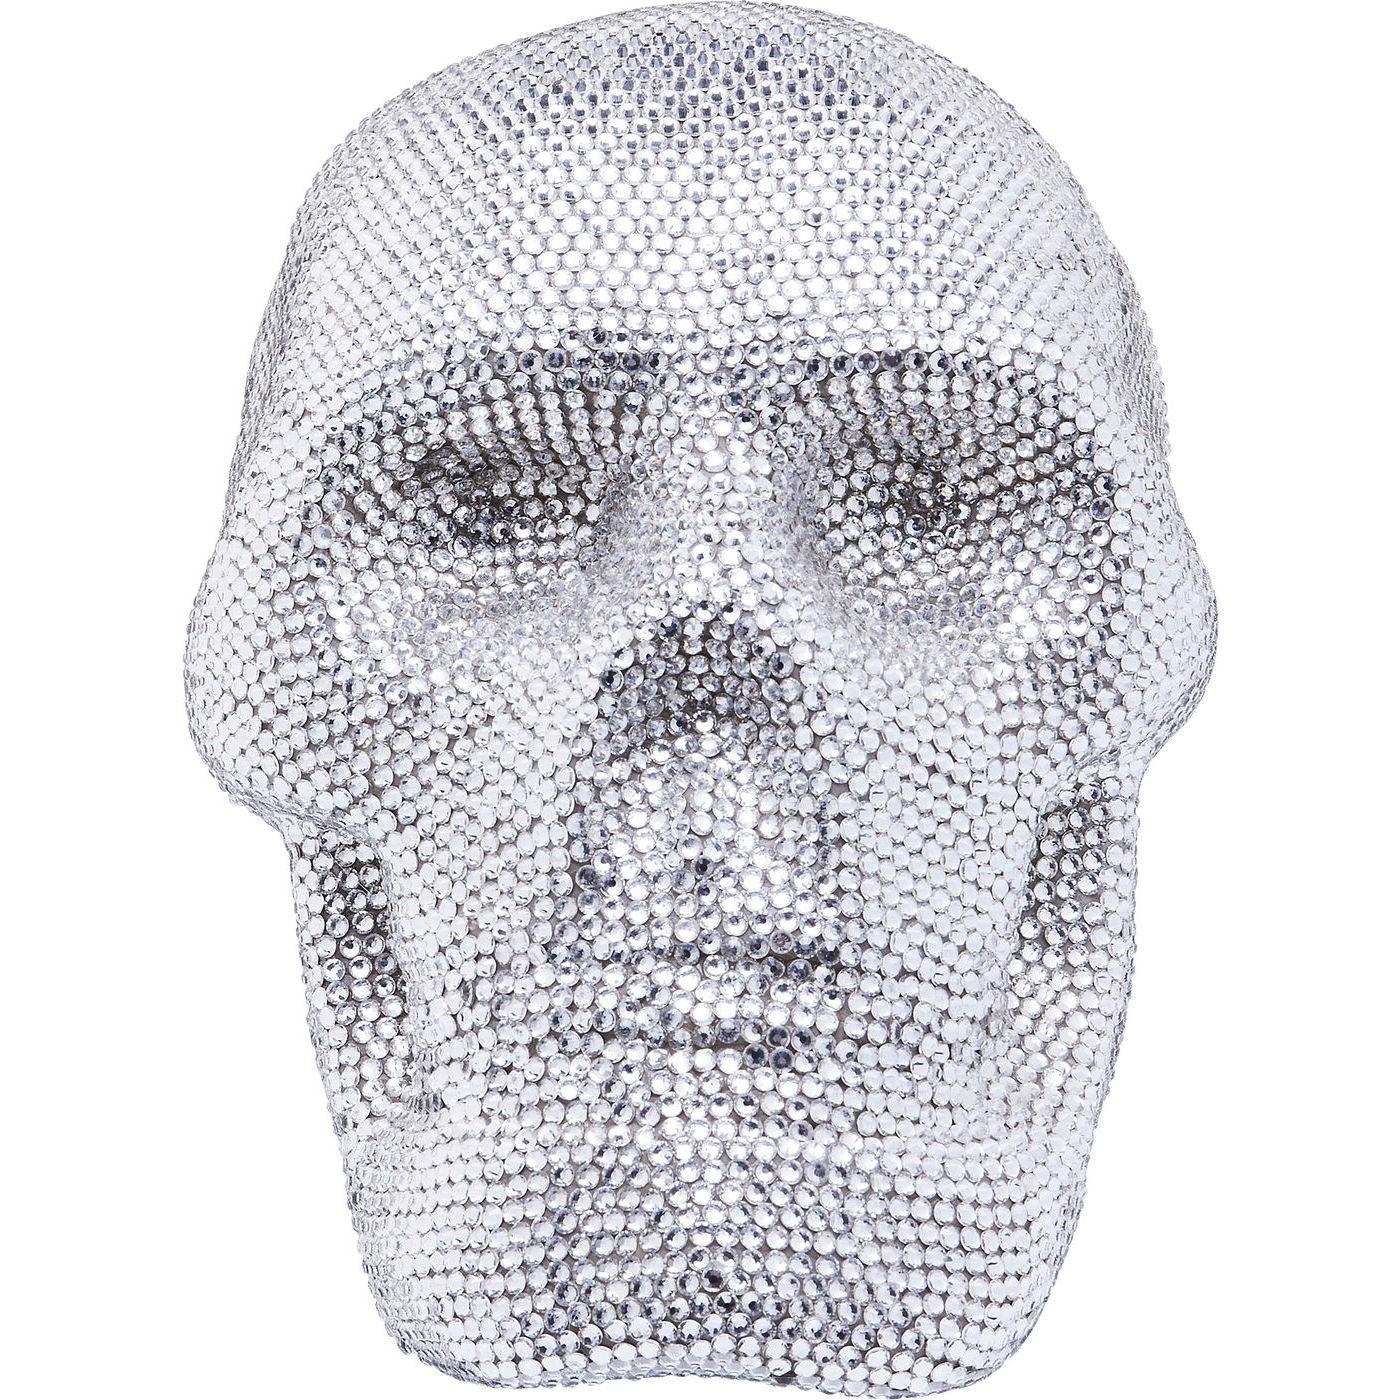 Deko Kopf Crystal Skull Silber Small